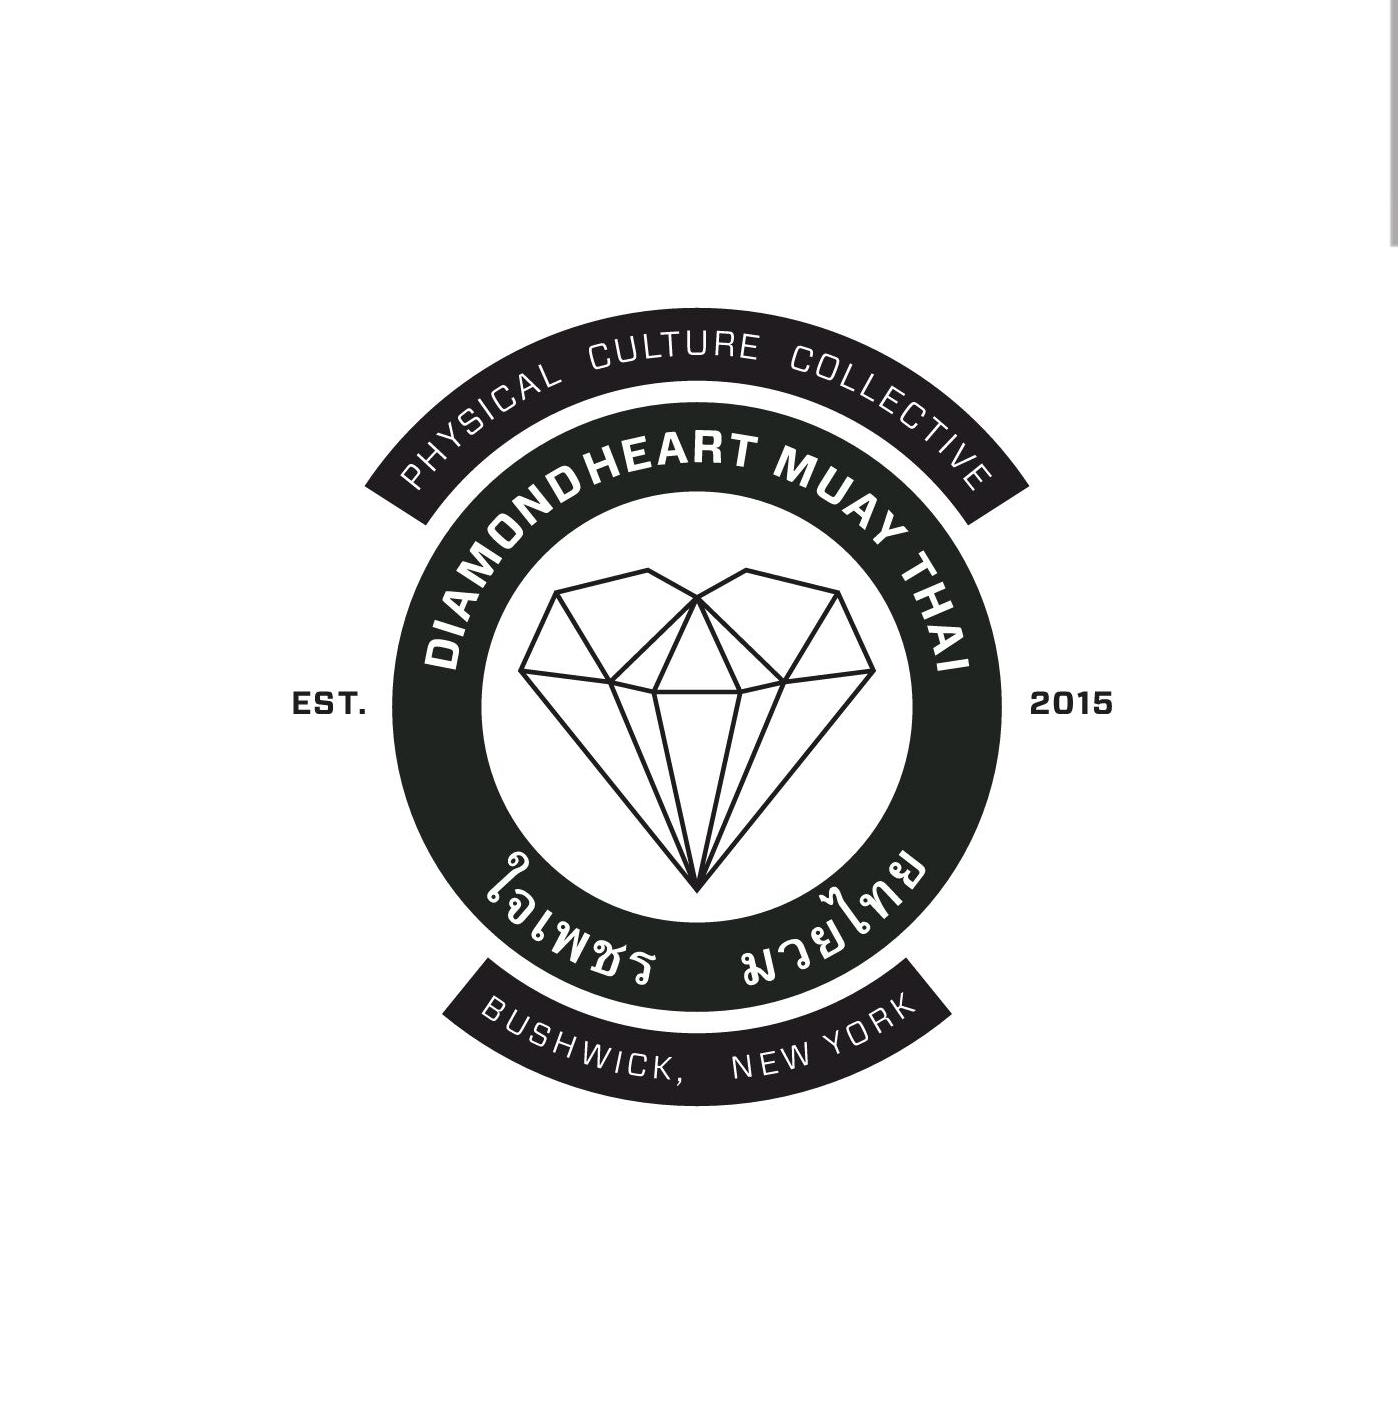 Diamondheartlogo.JPG